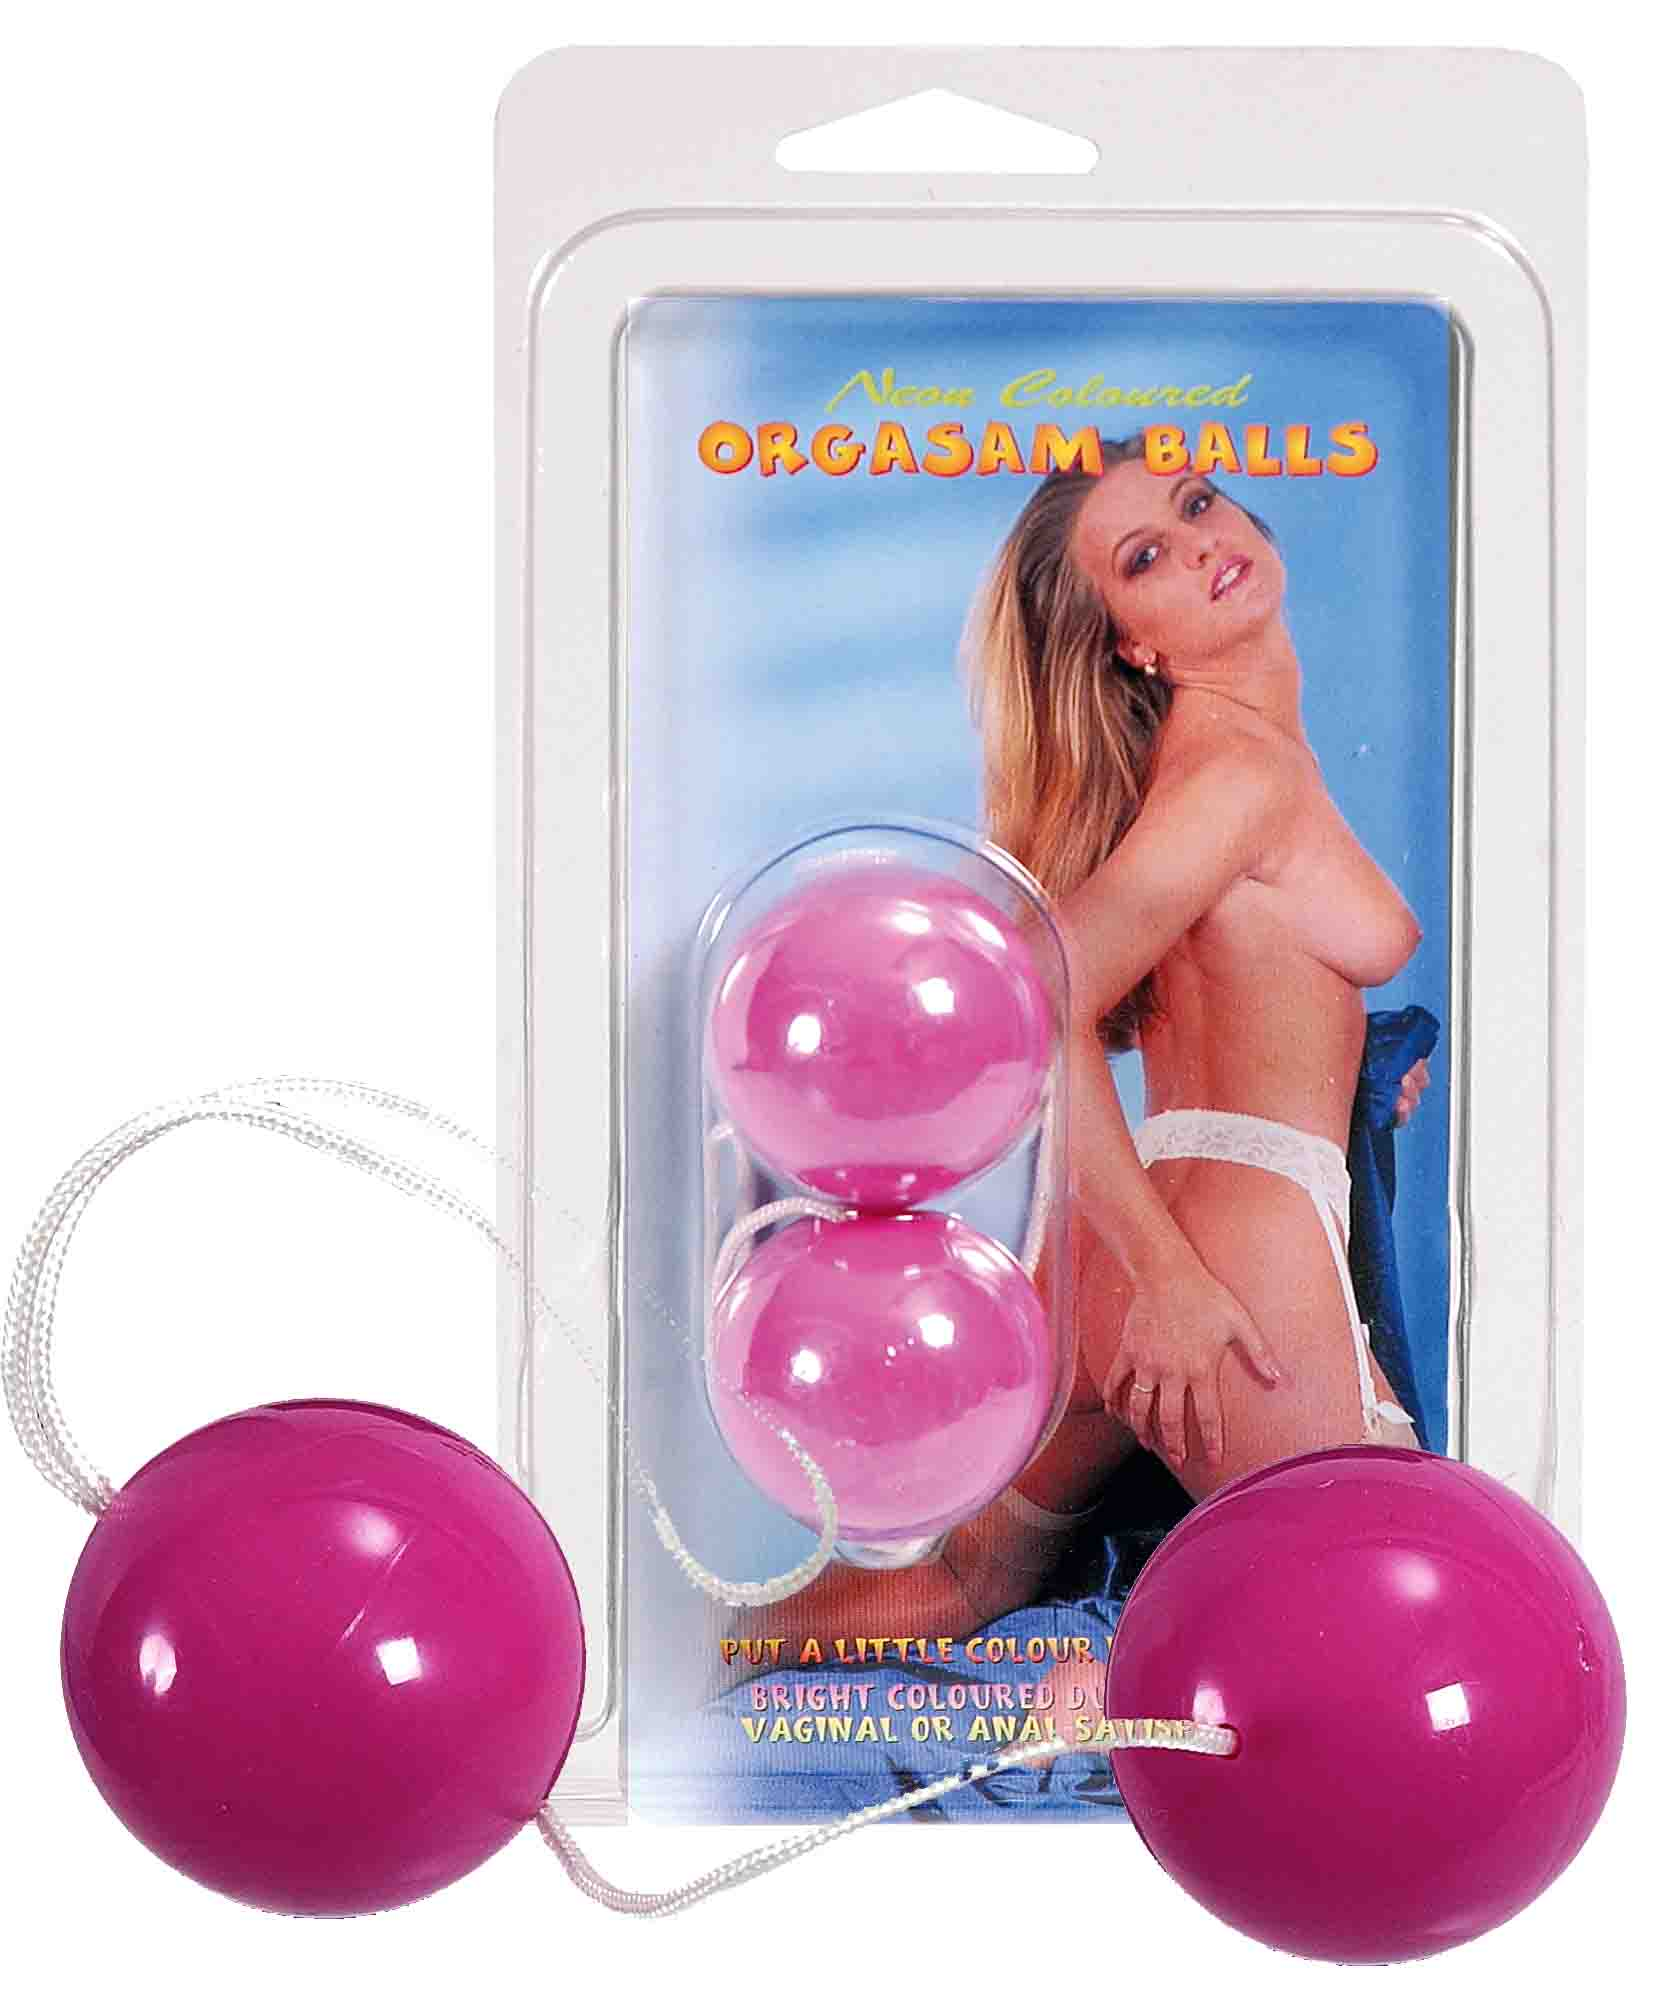 Техника вагинальных шариков 21 фотография